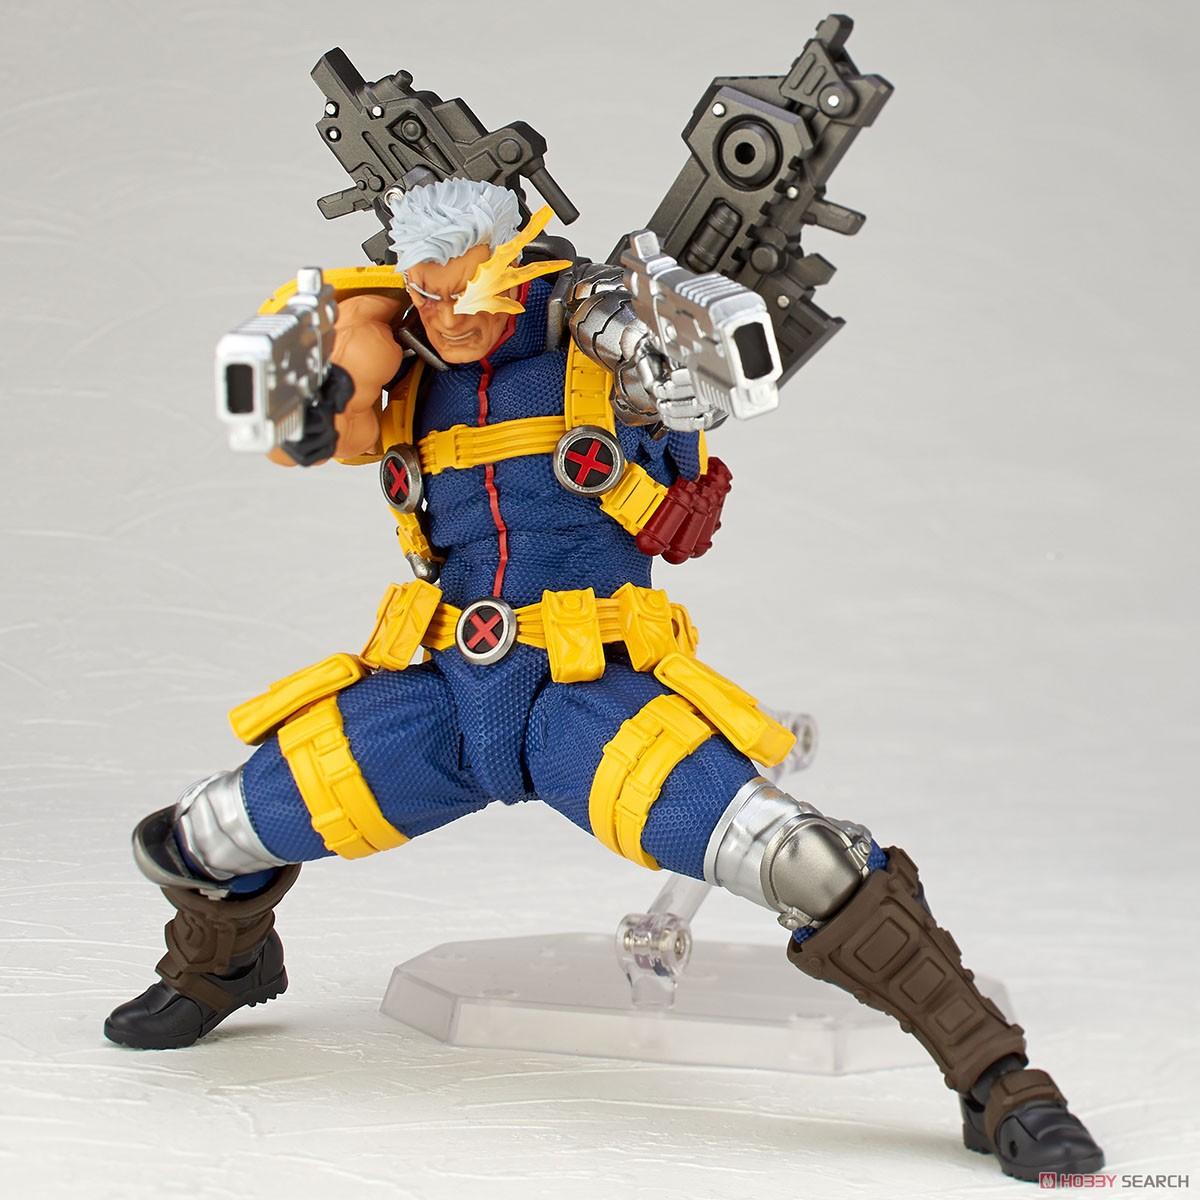 フィギュアコンプレックス アメイジング・ヤマグチ No.020『ケーブル』X-MEN 可動フィギュア-005